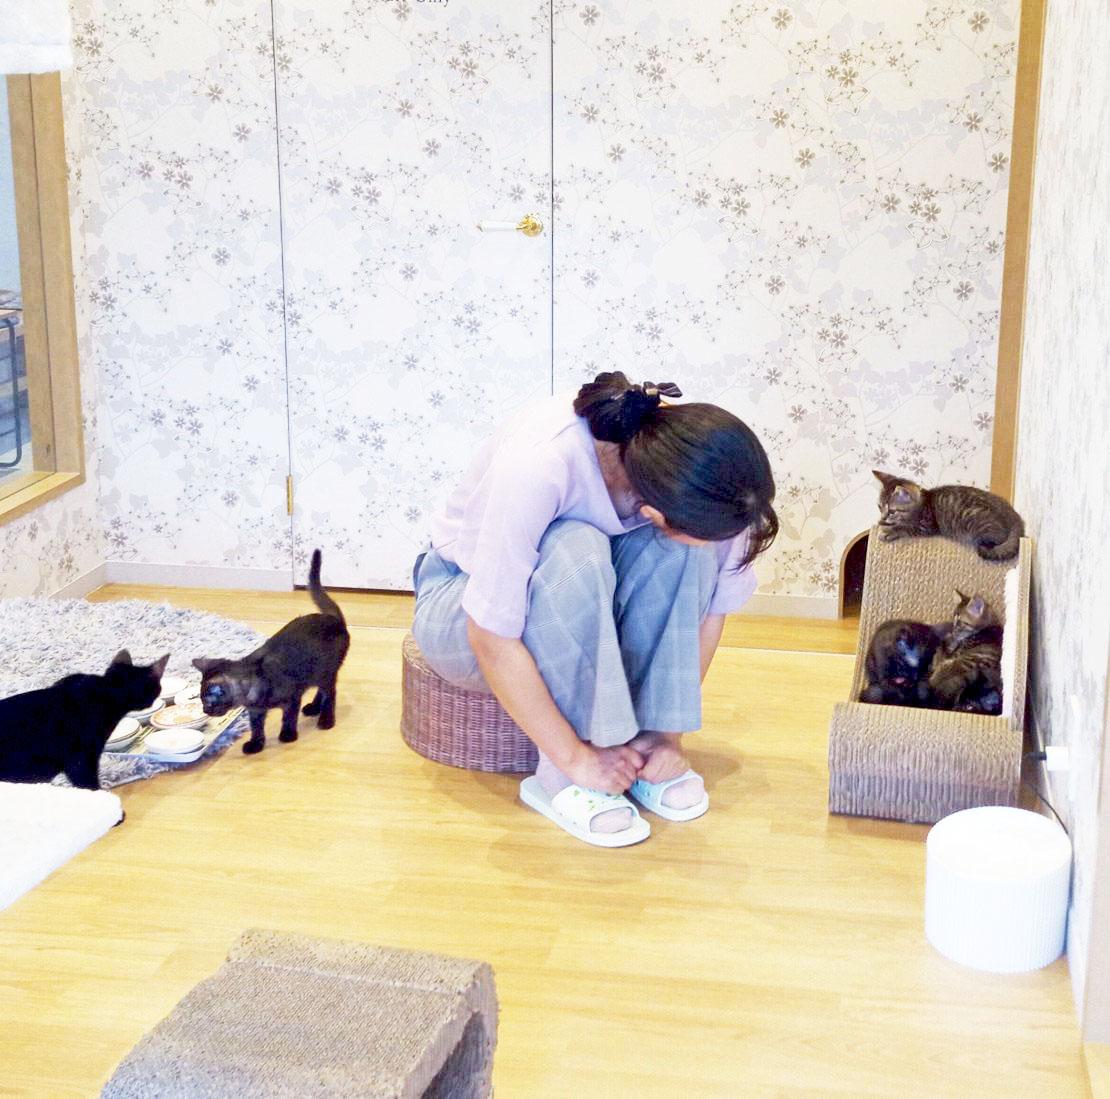 """かわいい""""子猫の幼稚園""""!岡崎に保護猫カフェ「Chaton」がオープン、猫好きライターが実際に行ってきました! - IMG 20200611 142319 6 e1592115737827 1110x1099 1"""